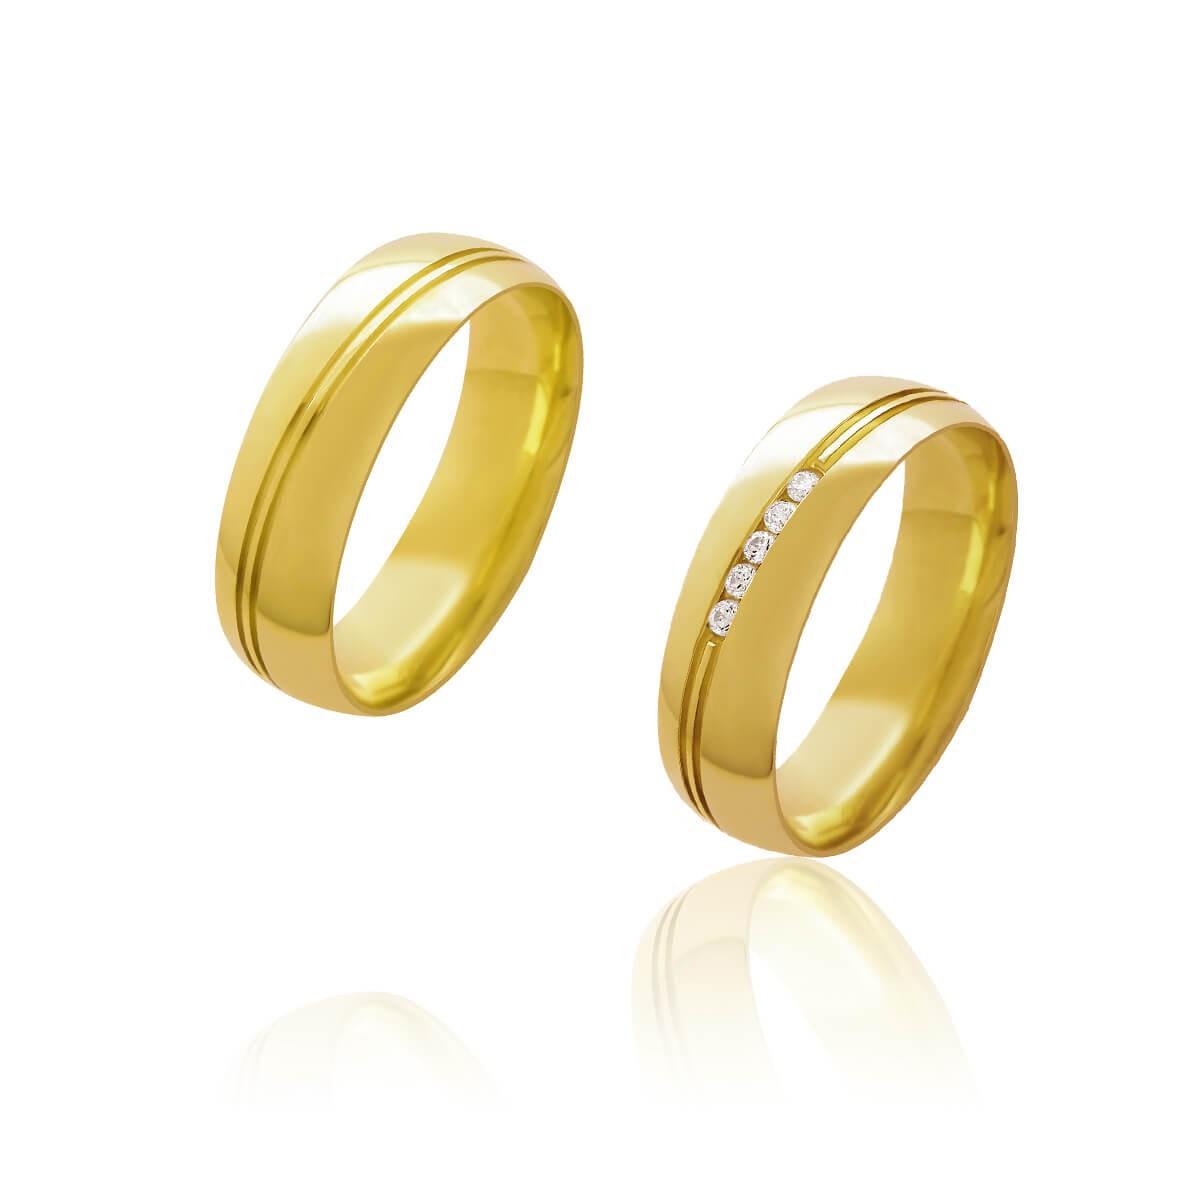 Par de Alianças de Casamento Afrodite Ouro 18k com Chanfro Diagonal e Brilhantes 5mm 7g